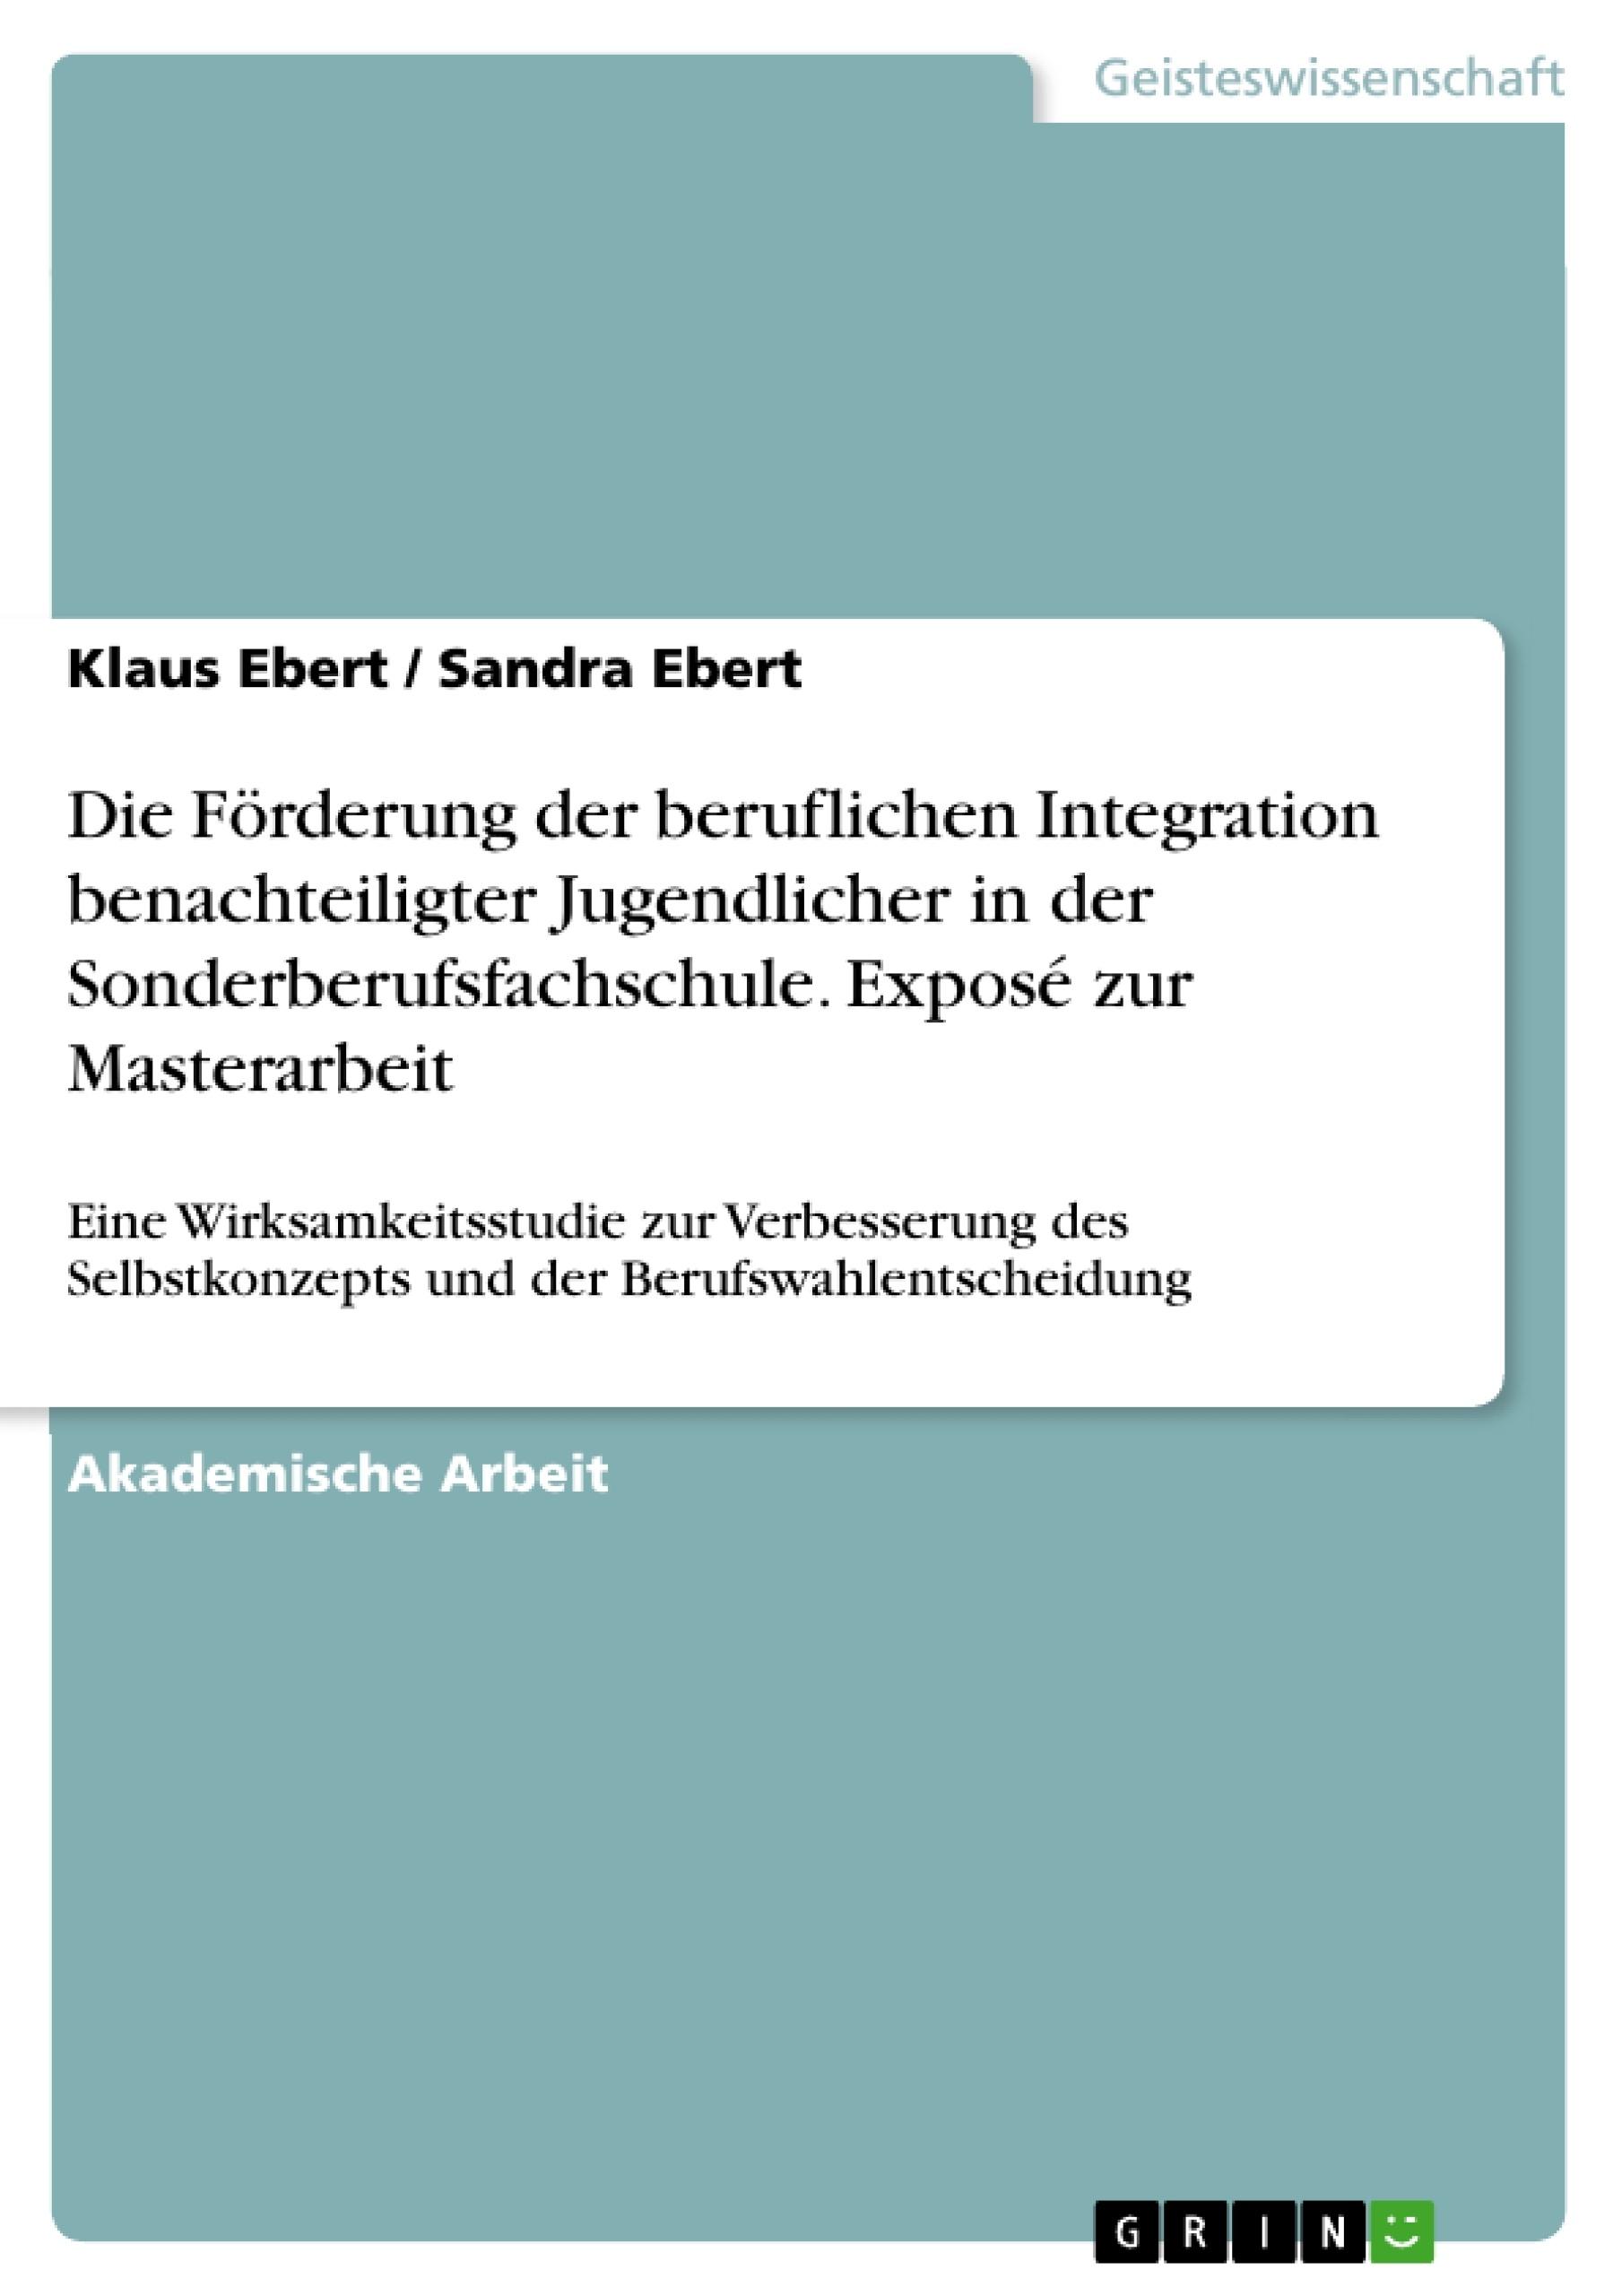 Titel: Die Förderung der beruflichen Integration benachteiligter Jugendlicher in der Sonderberufsfachschule. Exposé zur Masterarbeit